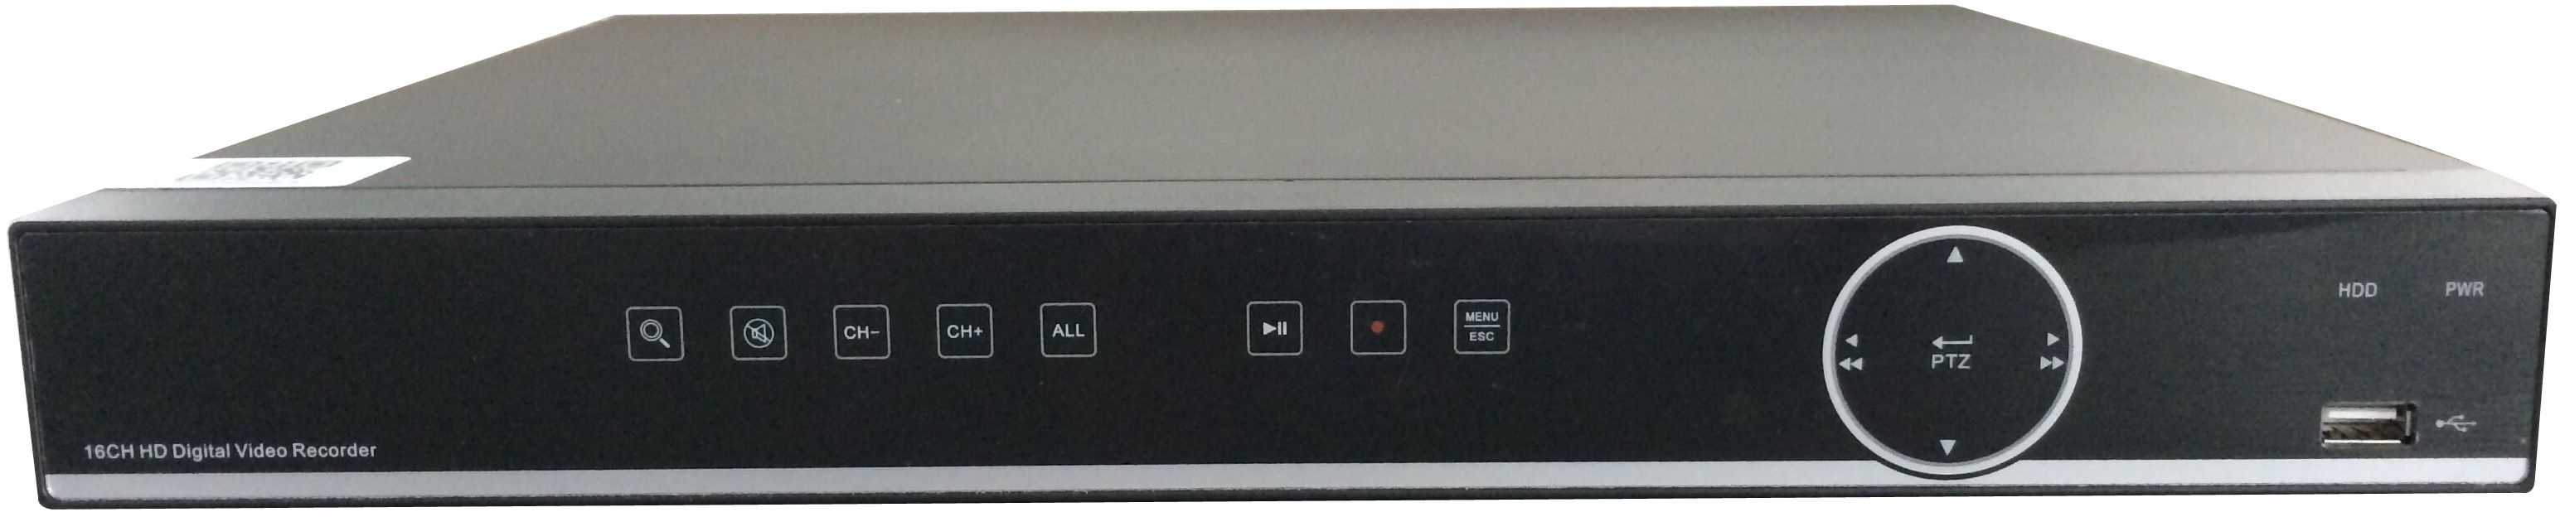 Rejestrator hybrydowy MZ-AHD8016HS